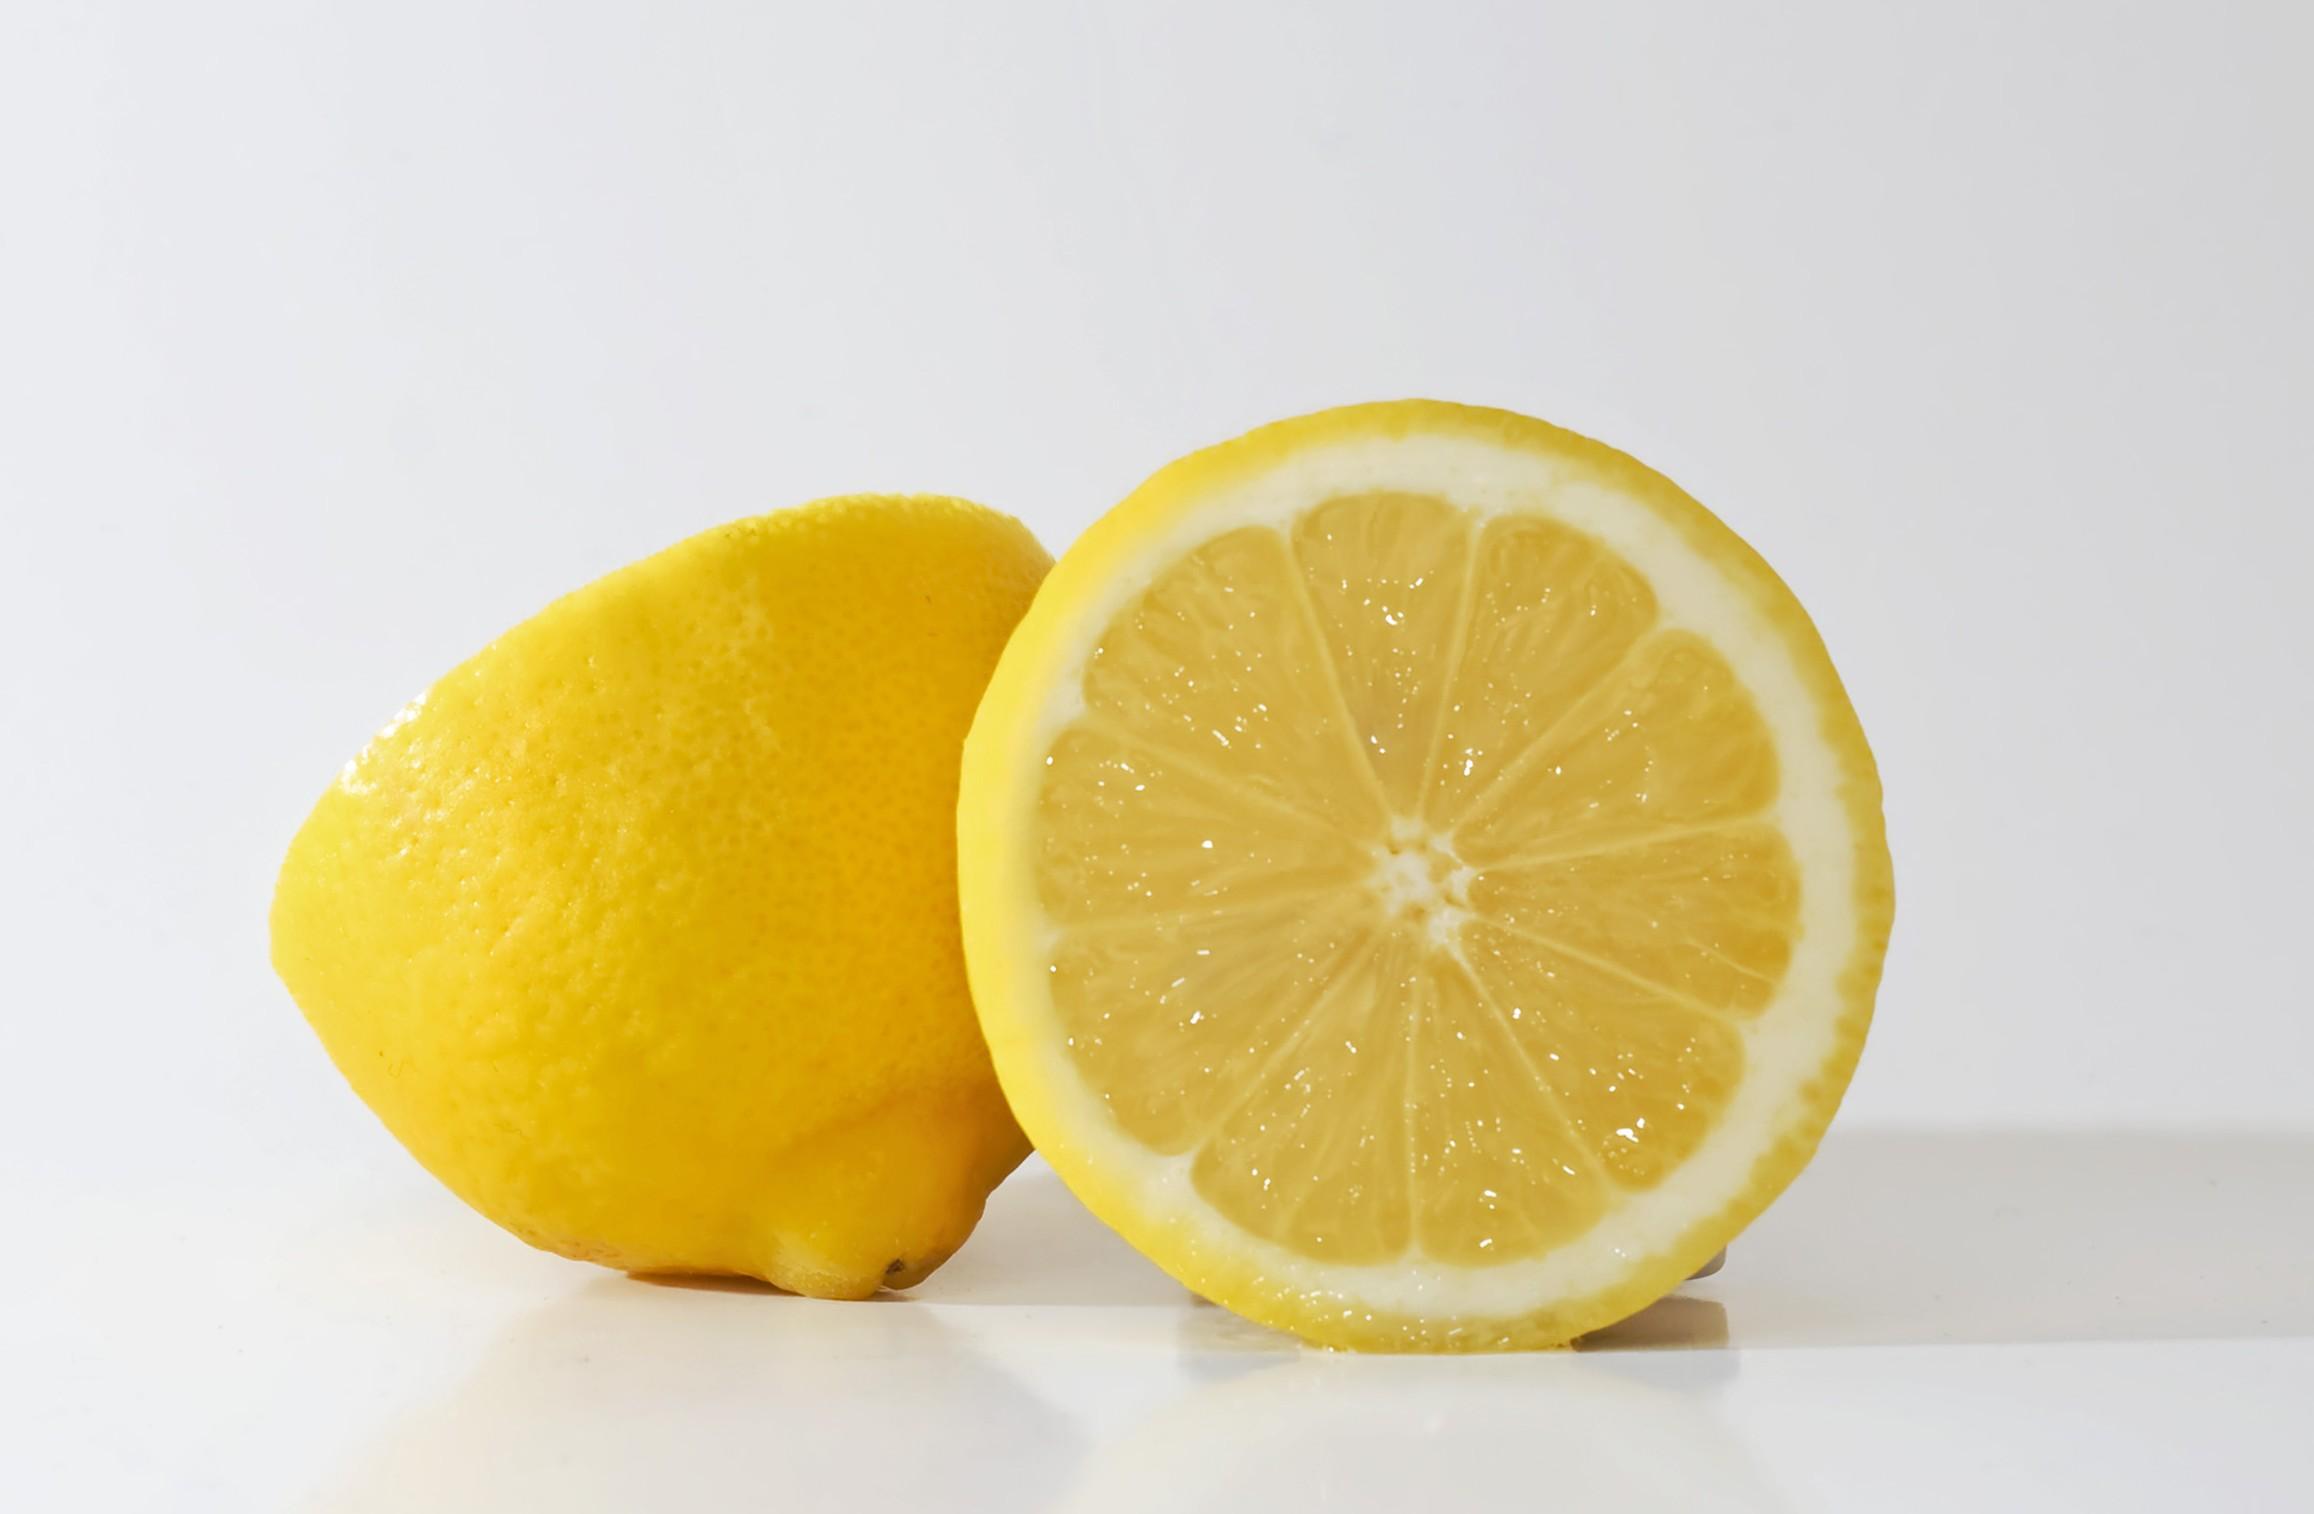 Lemons are winter fruits.